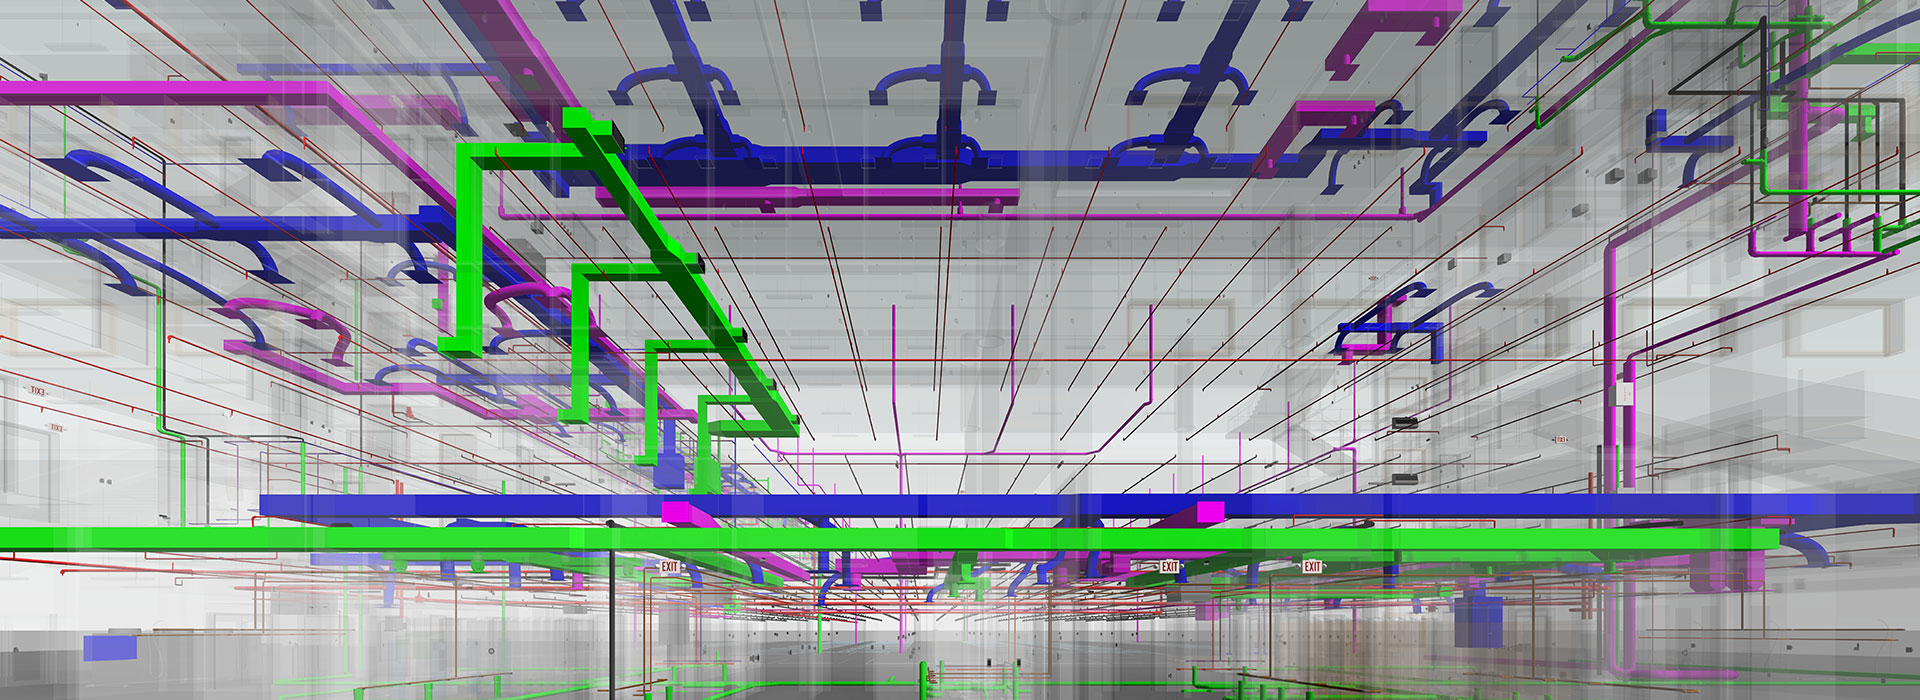 Inside-Section-View-of-3D-MEP-BIM-Model-Commercial-Revit-Modeling-by-United-BIM